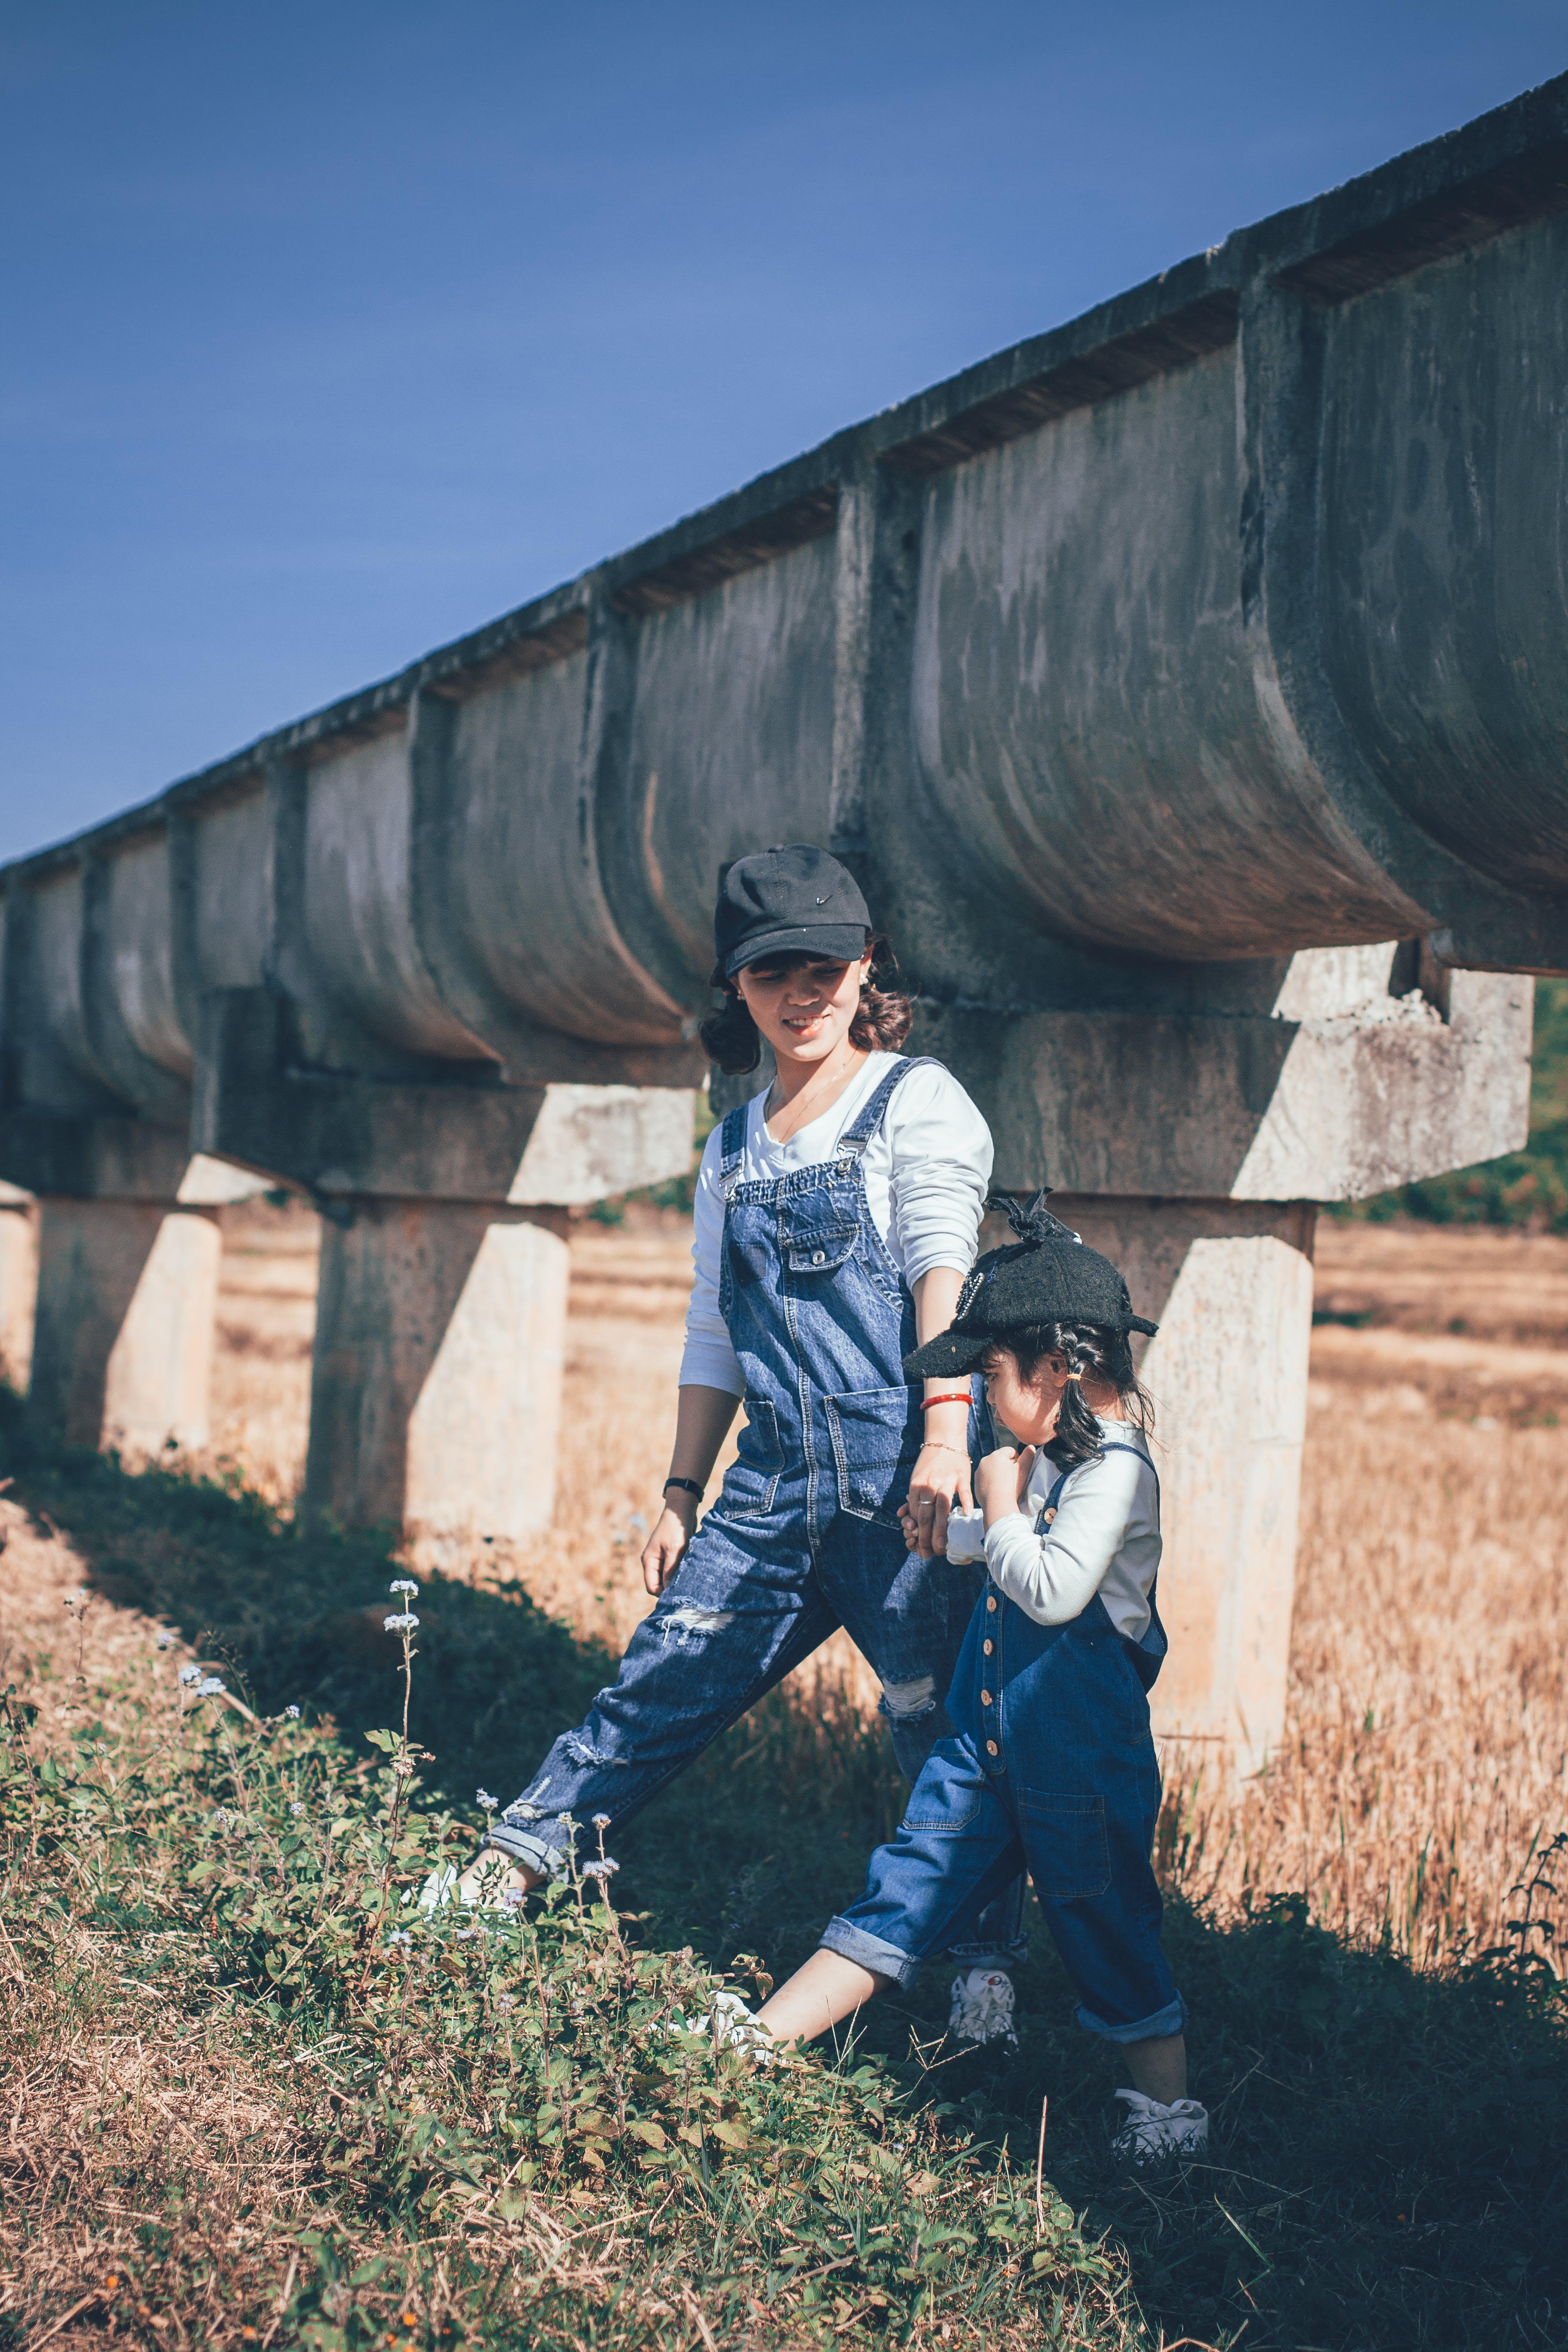 休閒, 兒童, 夏天, 女人 的 免费素材照片